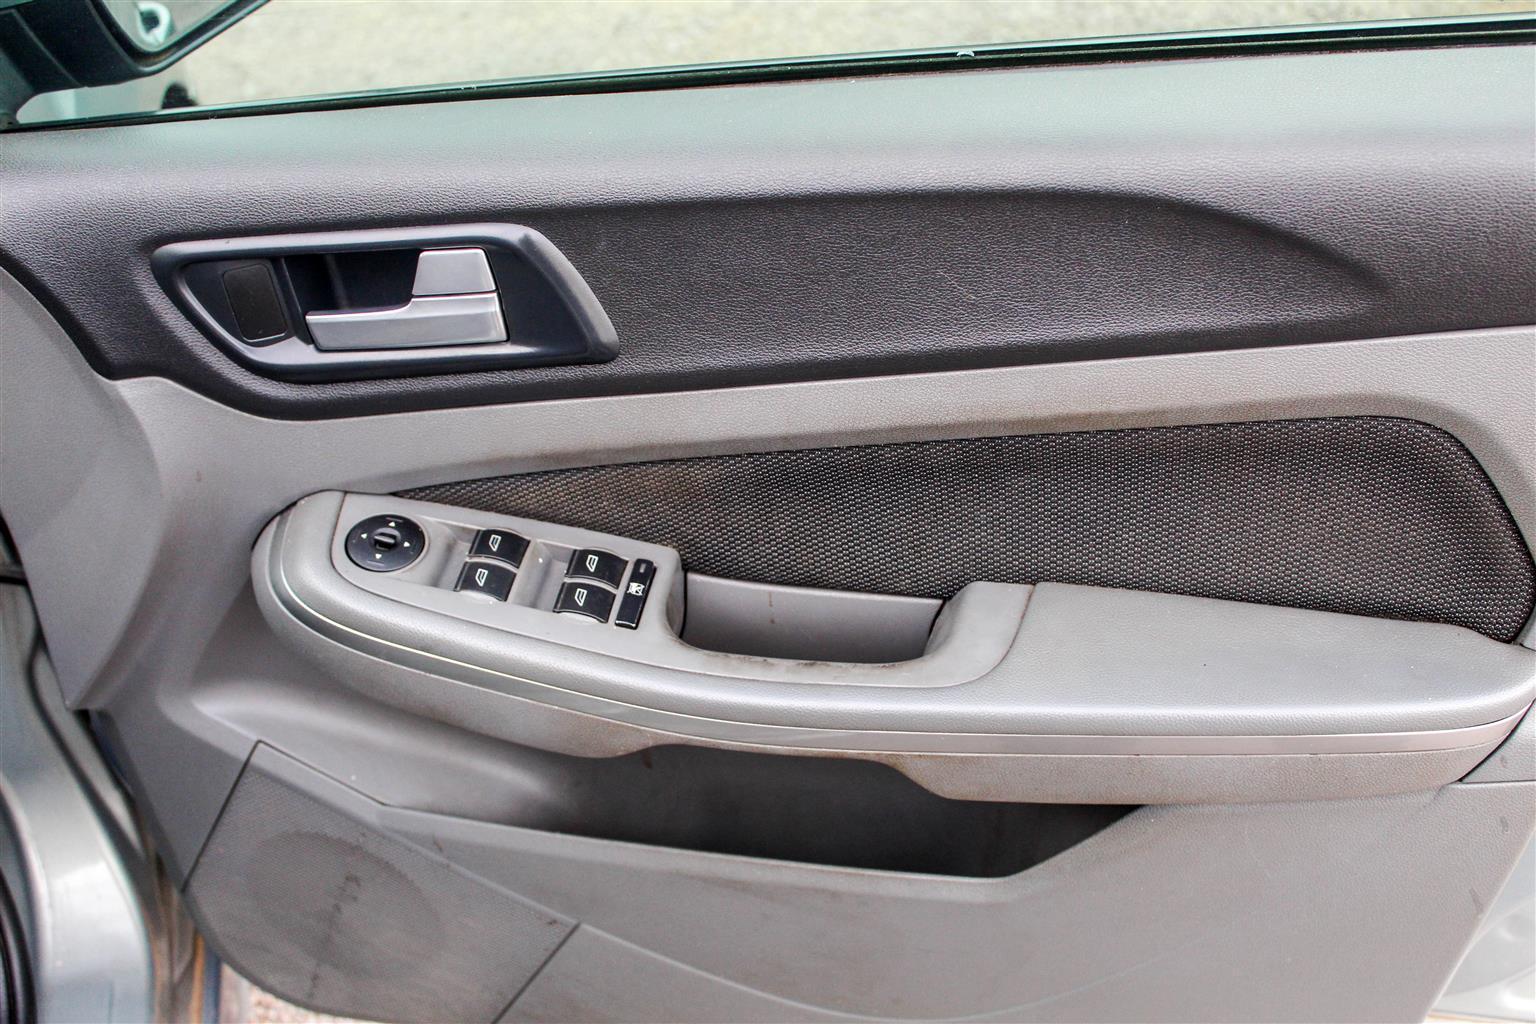 2012 Ford Focus 1.8 5 door Si